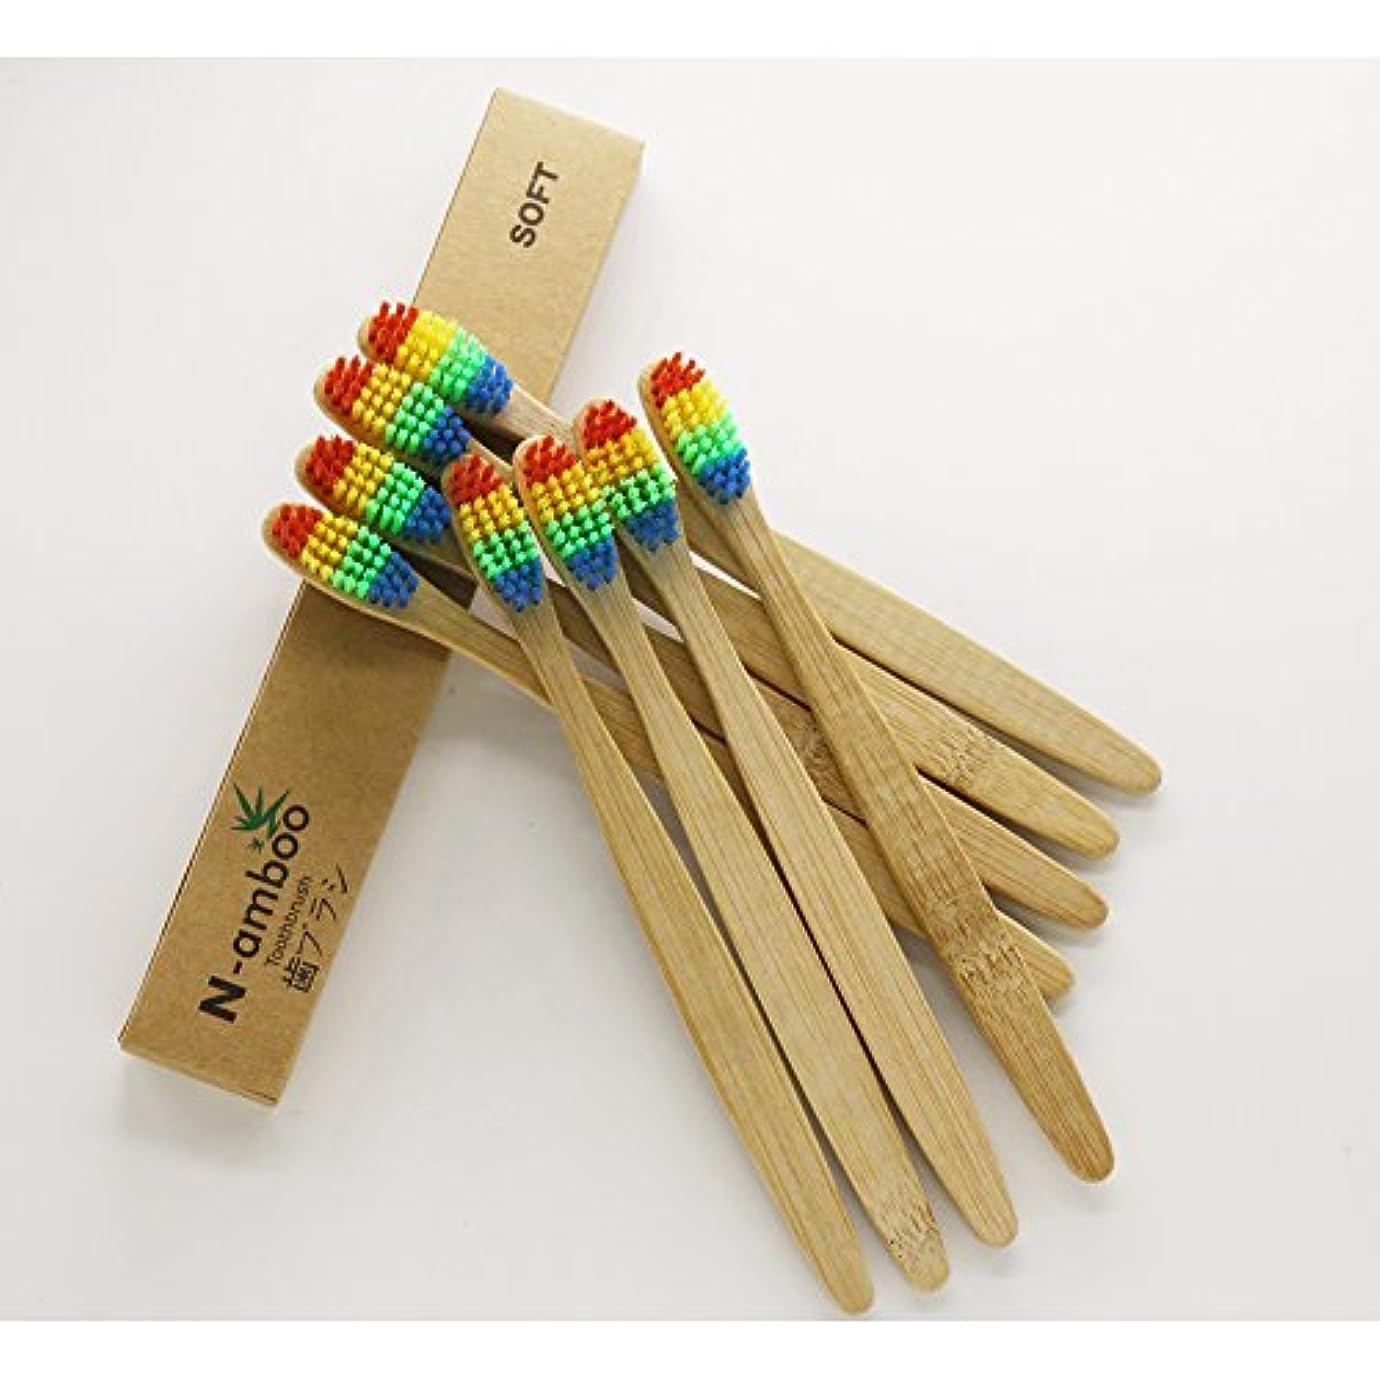 フロー不純エミュレーションN-amboo 竹製 耐久度高い 歯ブラシ 四色 虹(にじ) 8本入り ファミリー セット